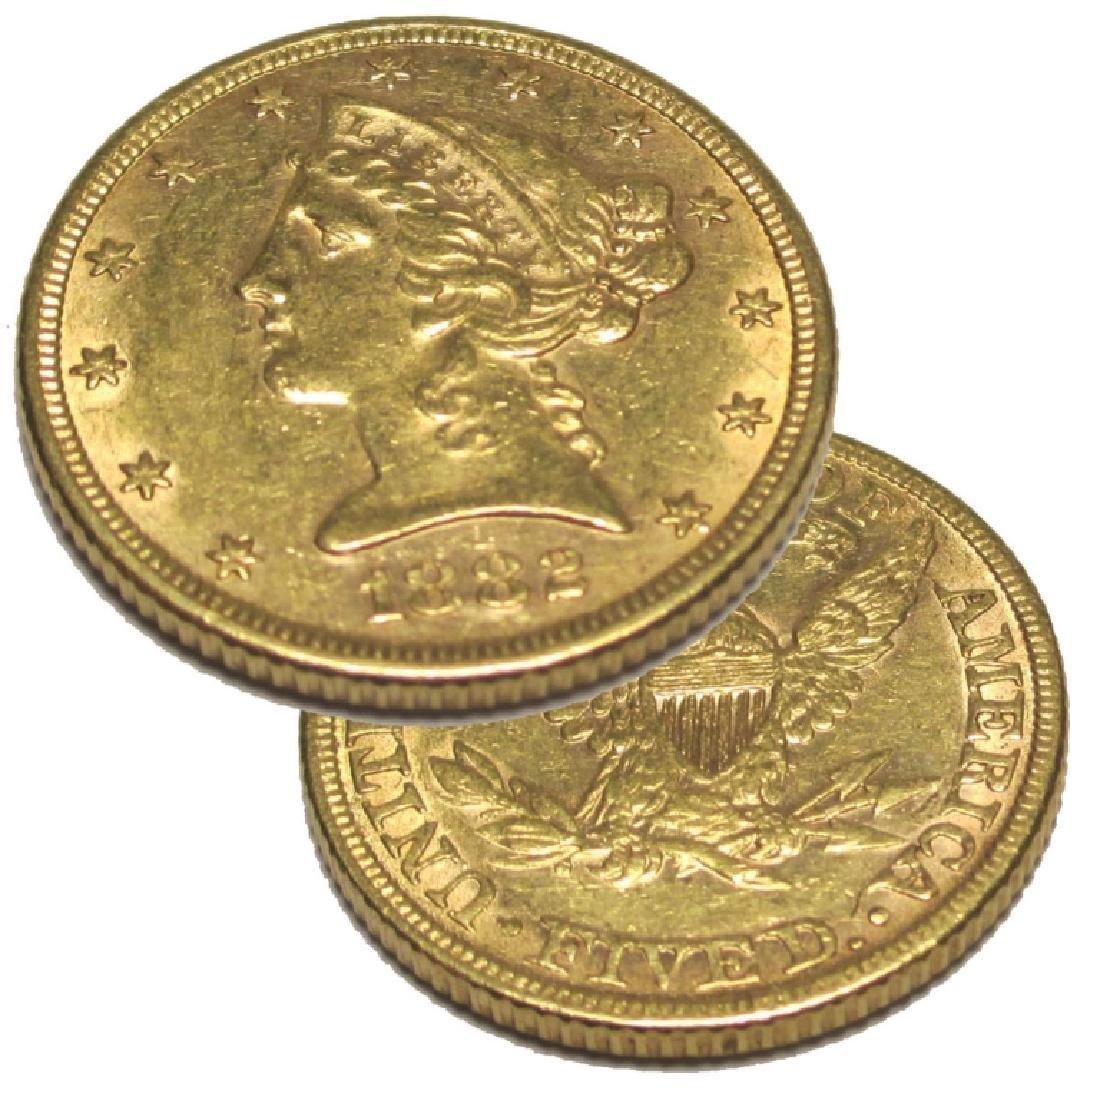 1882 P $ 5 Gold Liberty